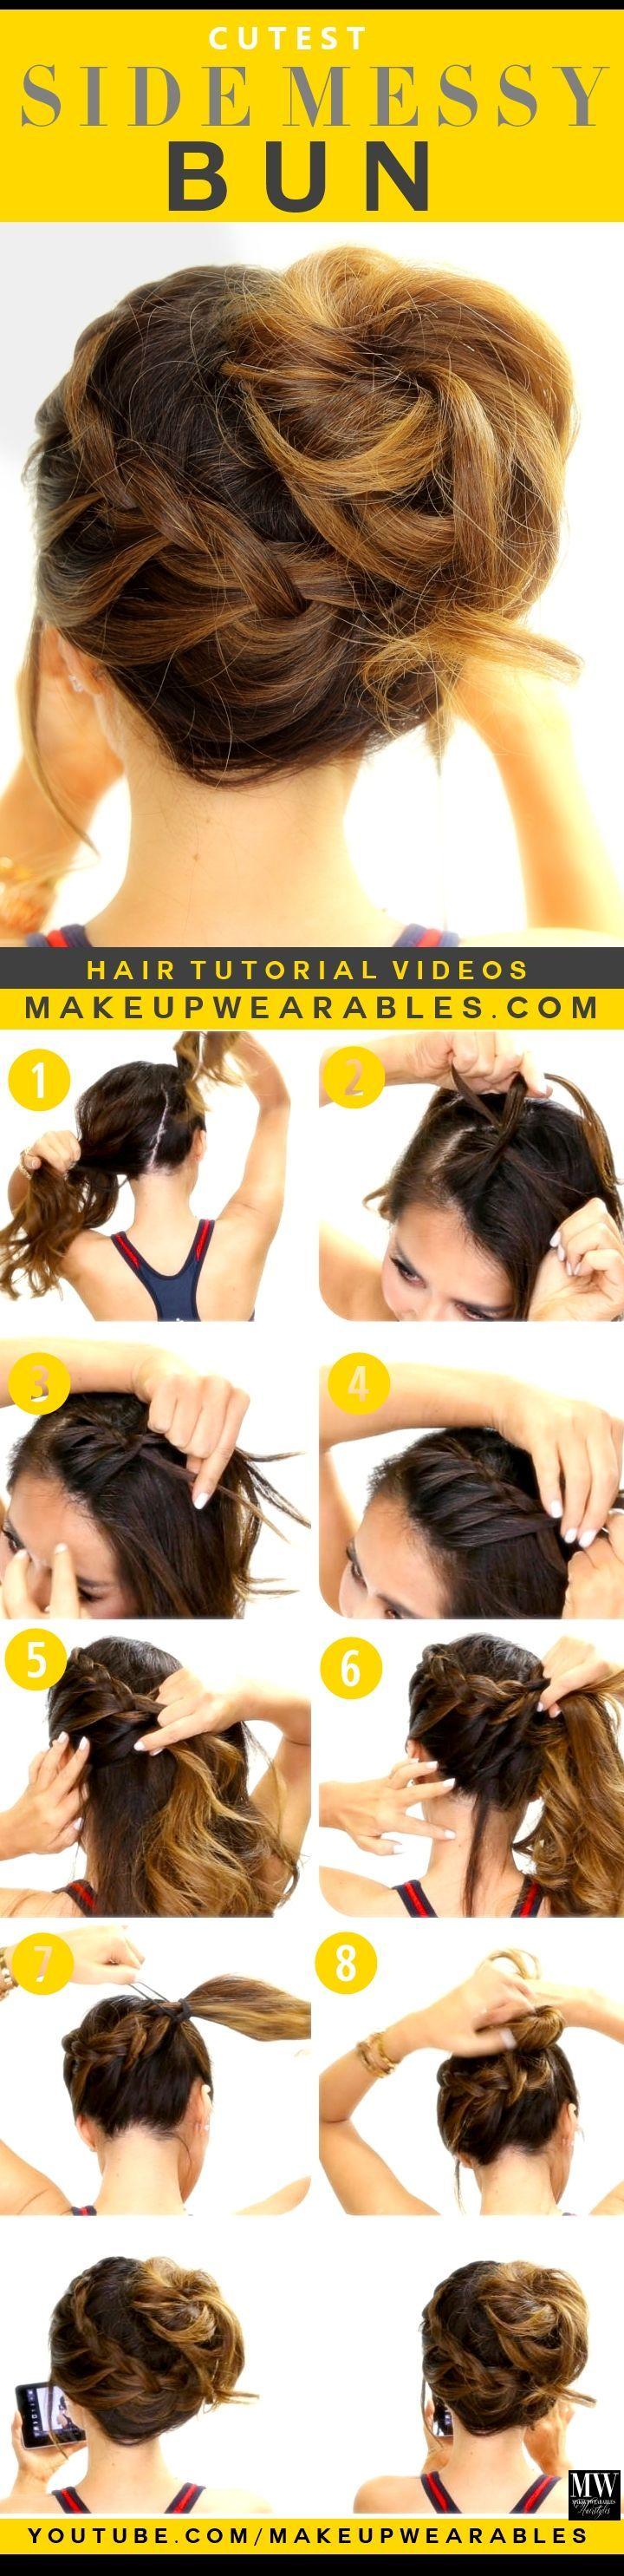 135 best Hair images on Pinterest